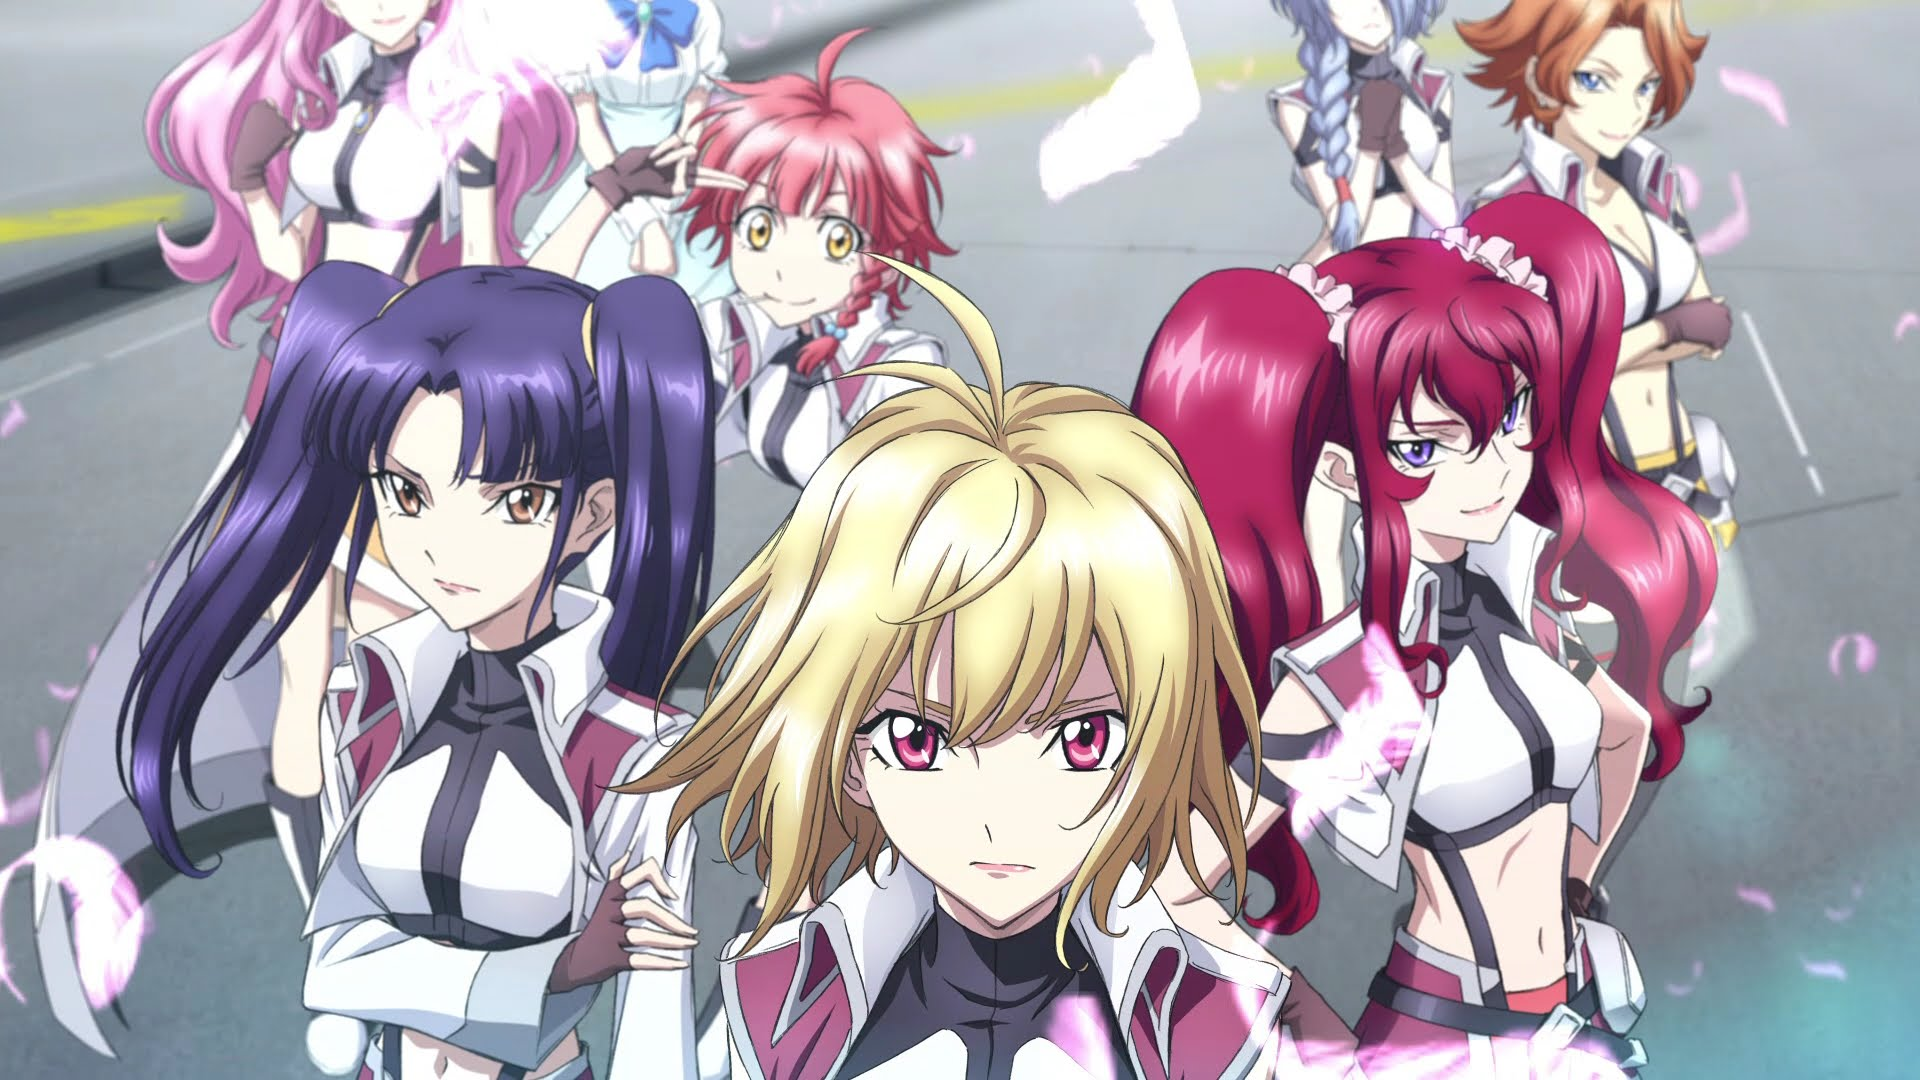 Vita『クロスアンジュ 天使と竜の輪舞tr.』ゲーム予告CM第1弾「私が主人公じゃないってどういうこと!?」篇が公開